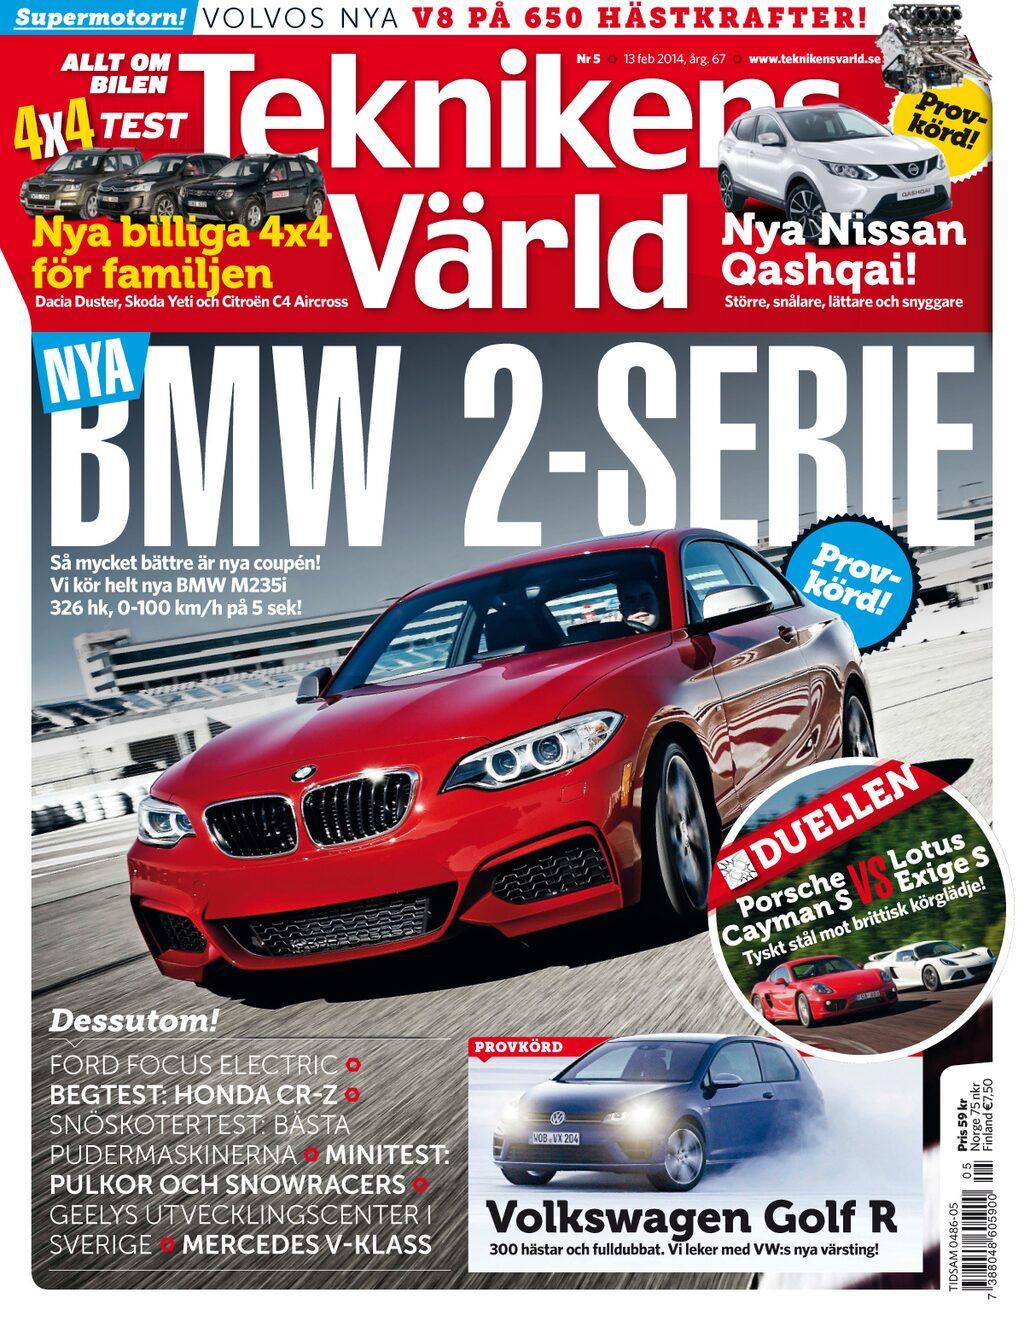 Teknikens Värld nummer 5 / 2014